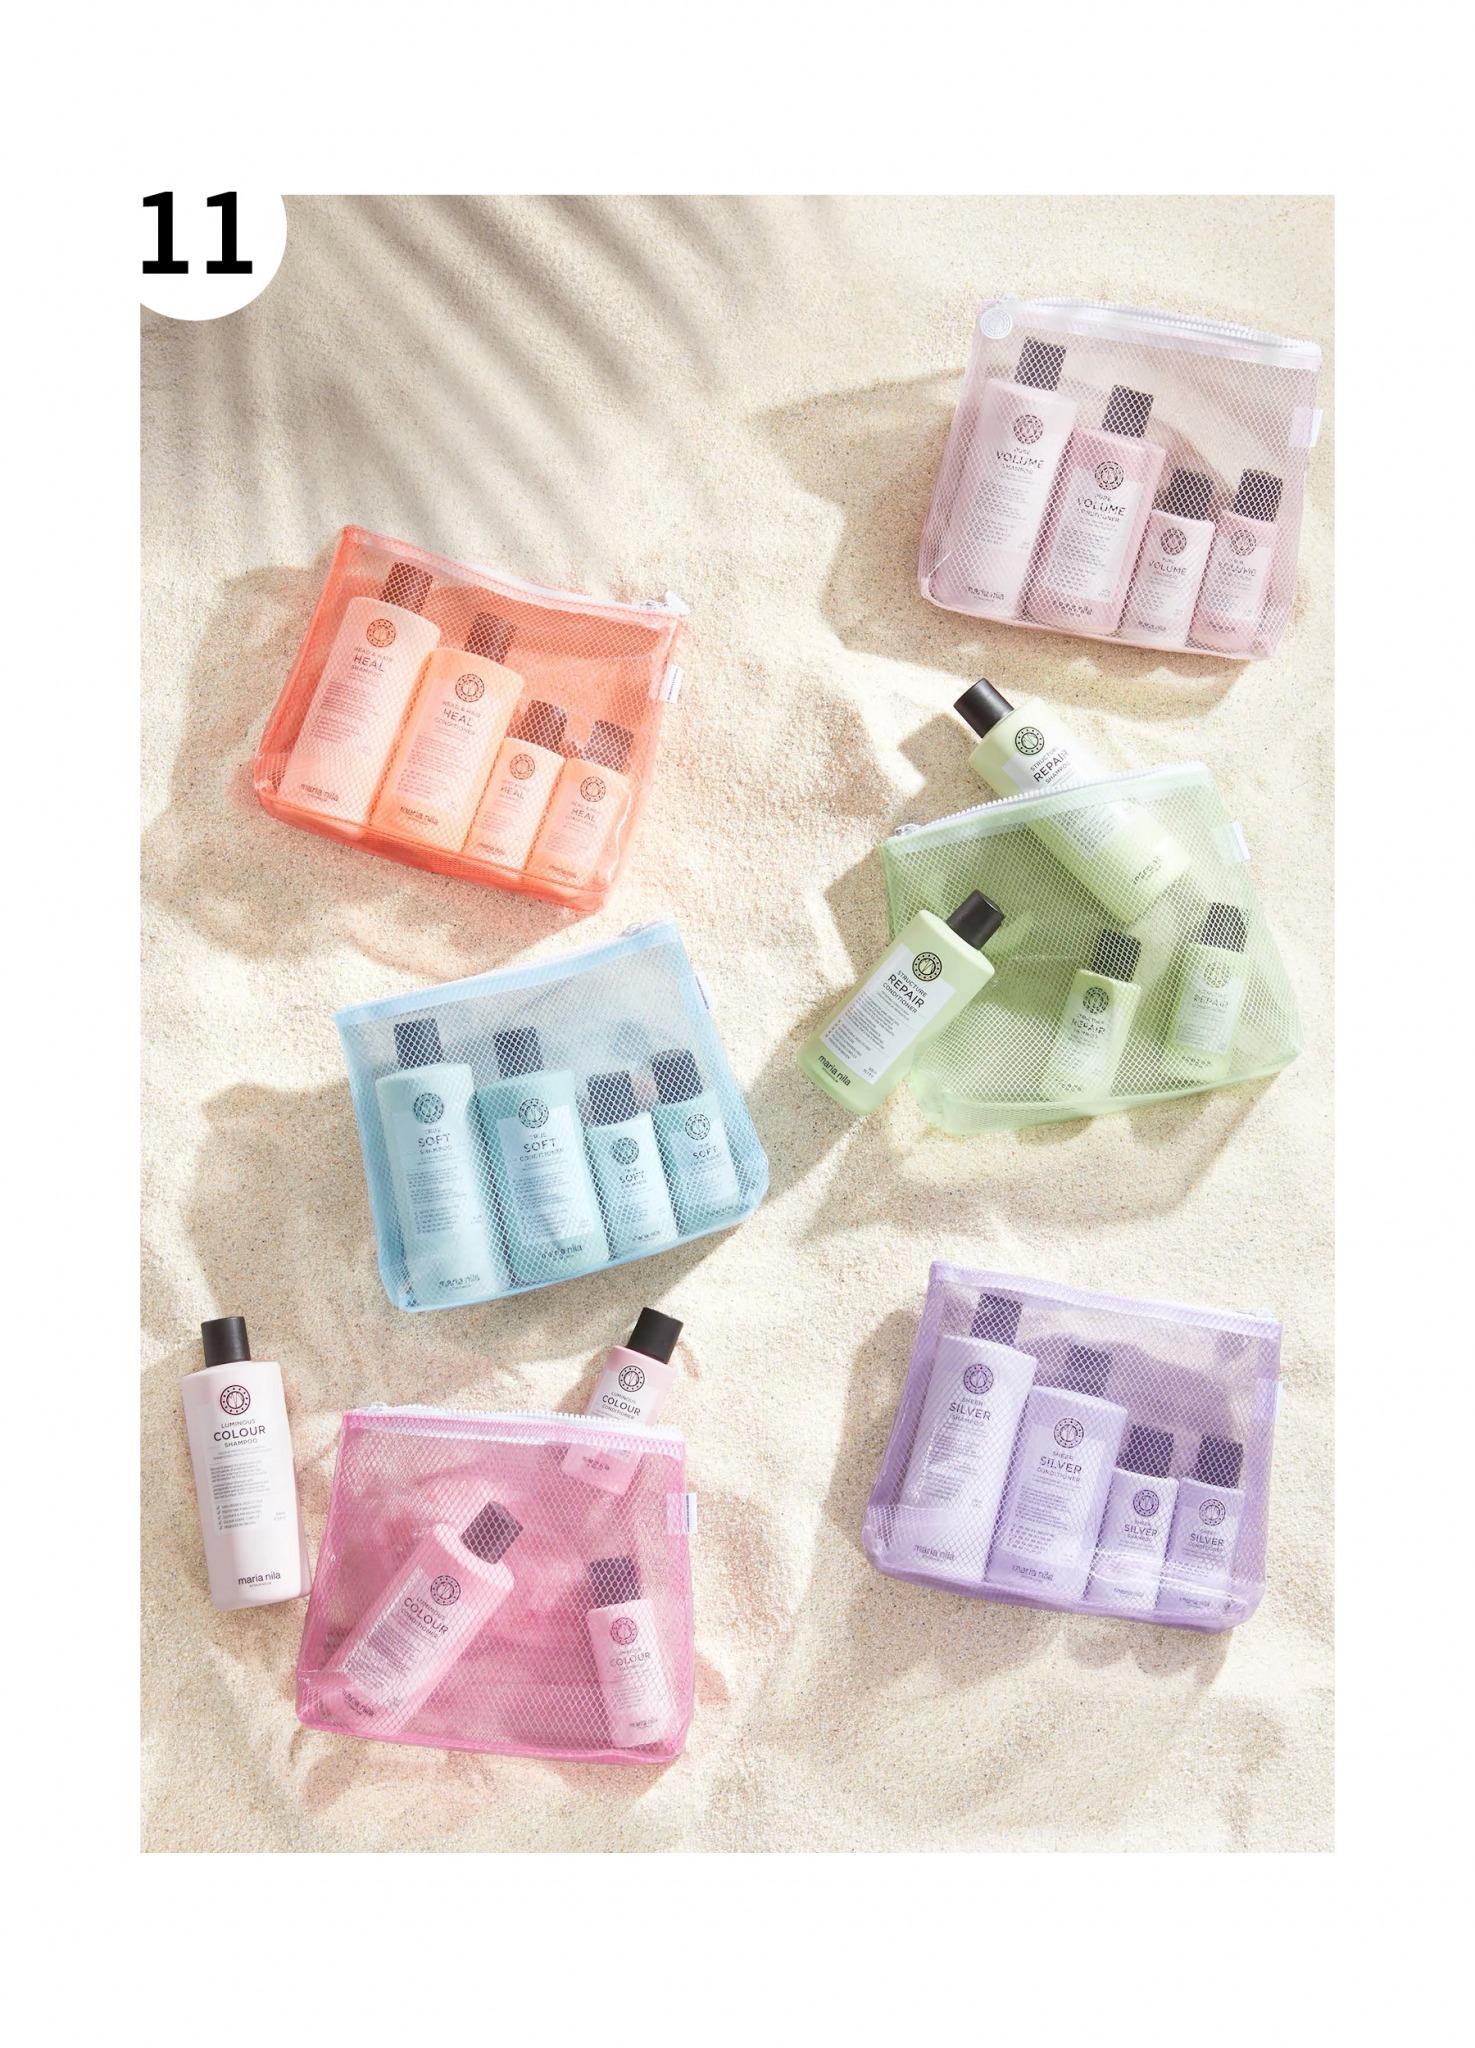 Maria Nila Beauty Bags toalettmapper i forskjellige farger med shampo og balsam i vanlig størrelse og reisestørrelse